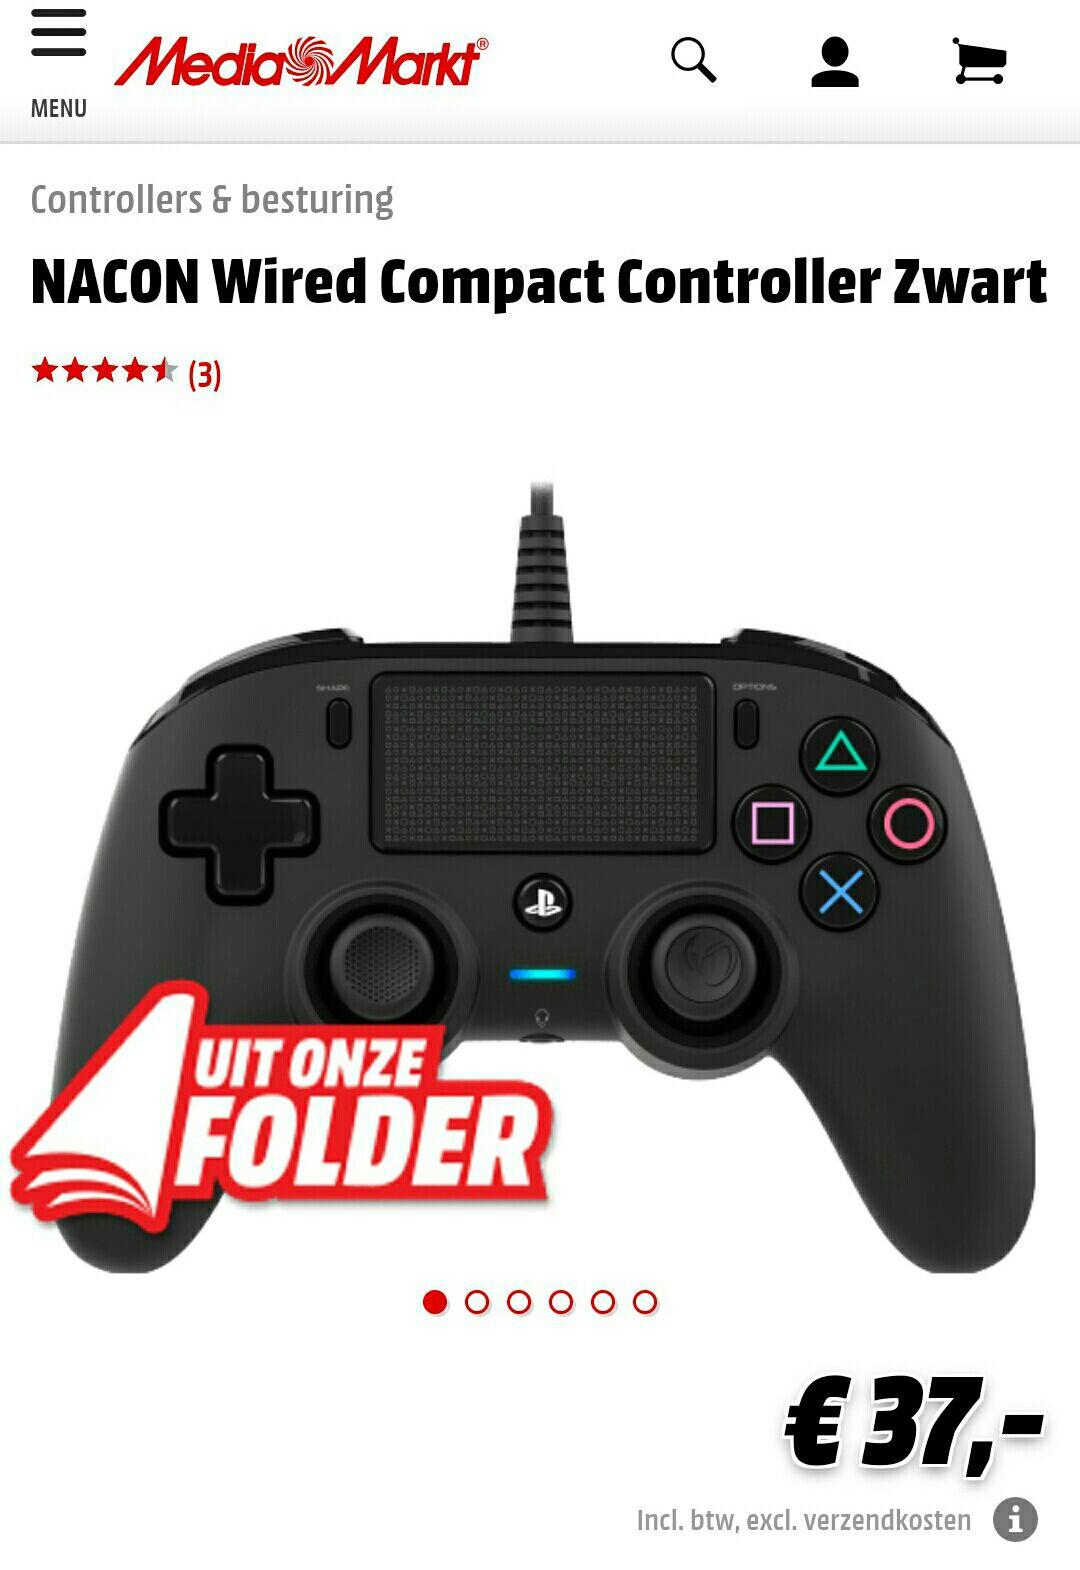 Nancon ps4 controller (bedraad) bij  media markt